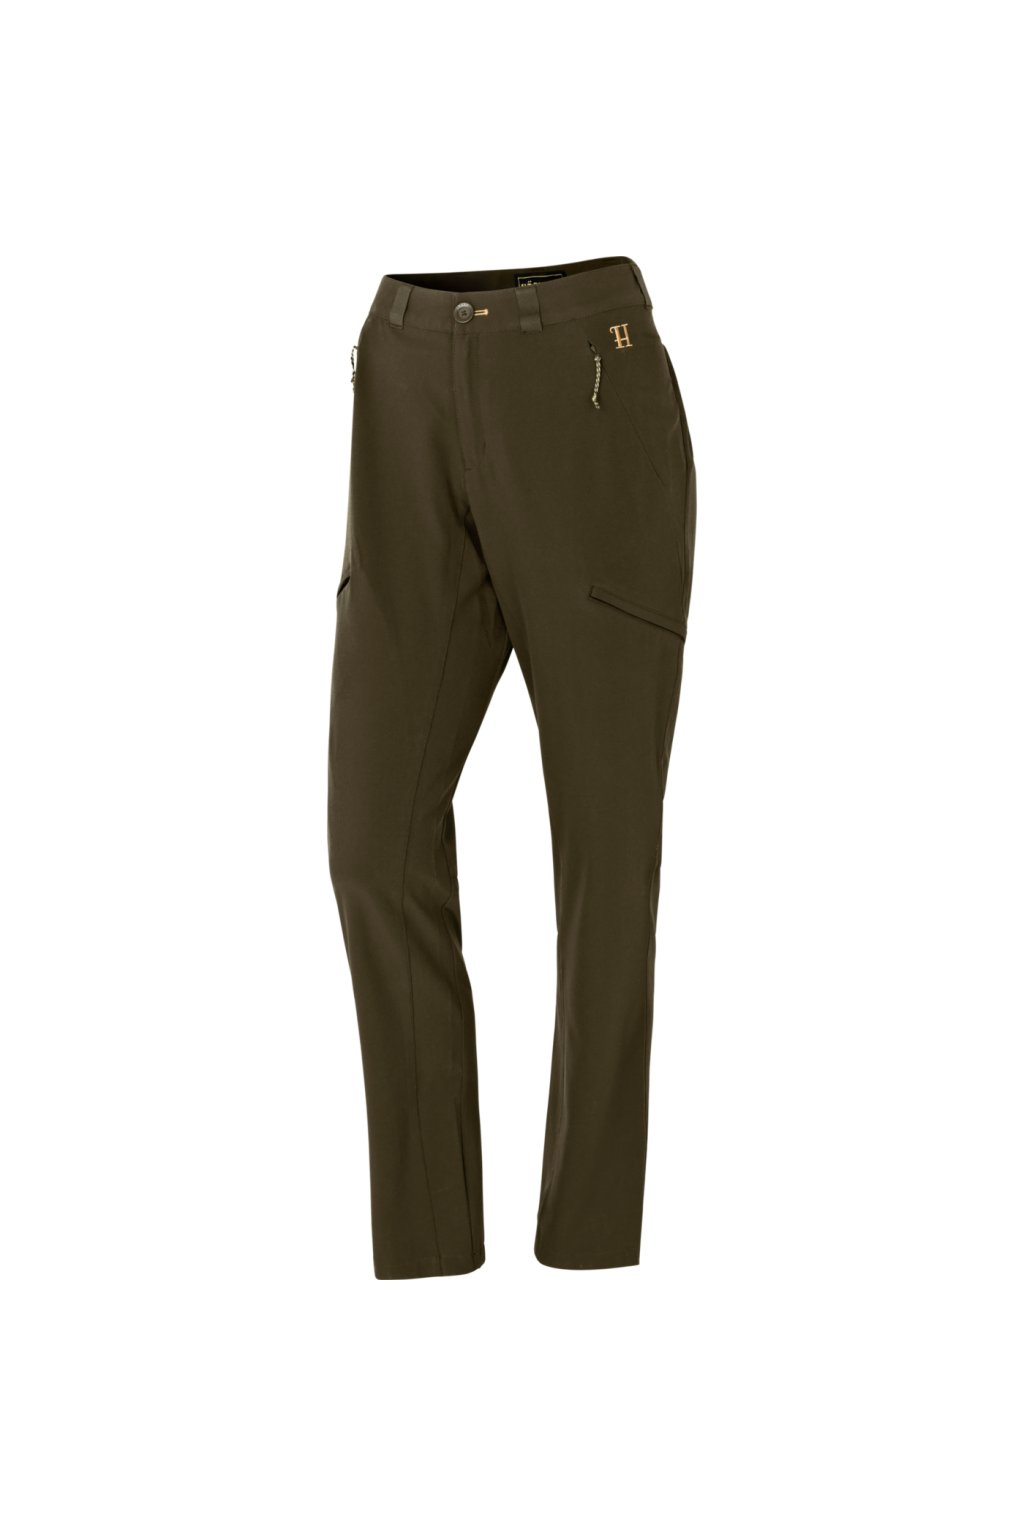 HÄRKILA - Herlet Tech kalhoty (letní) dámské